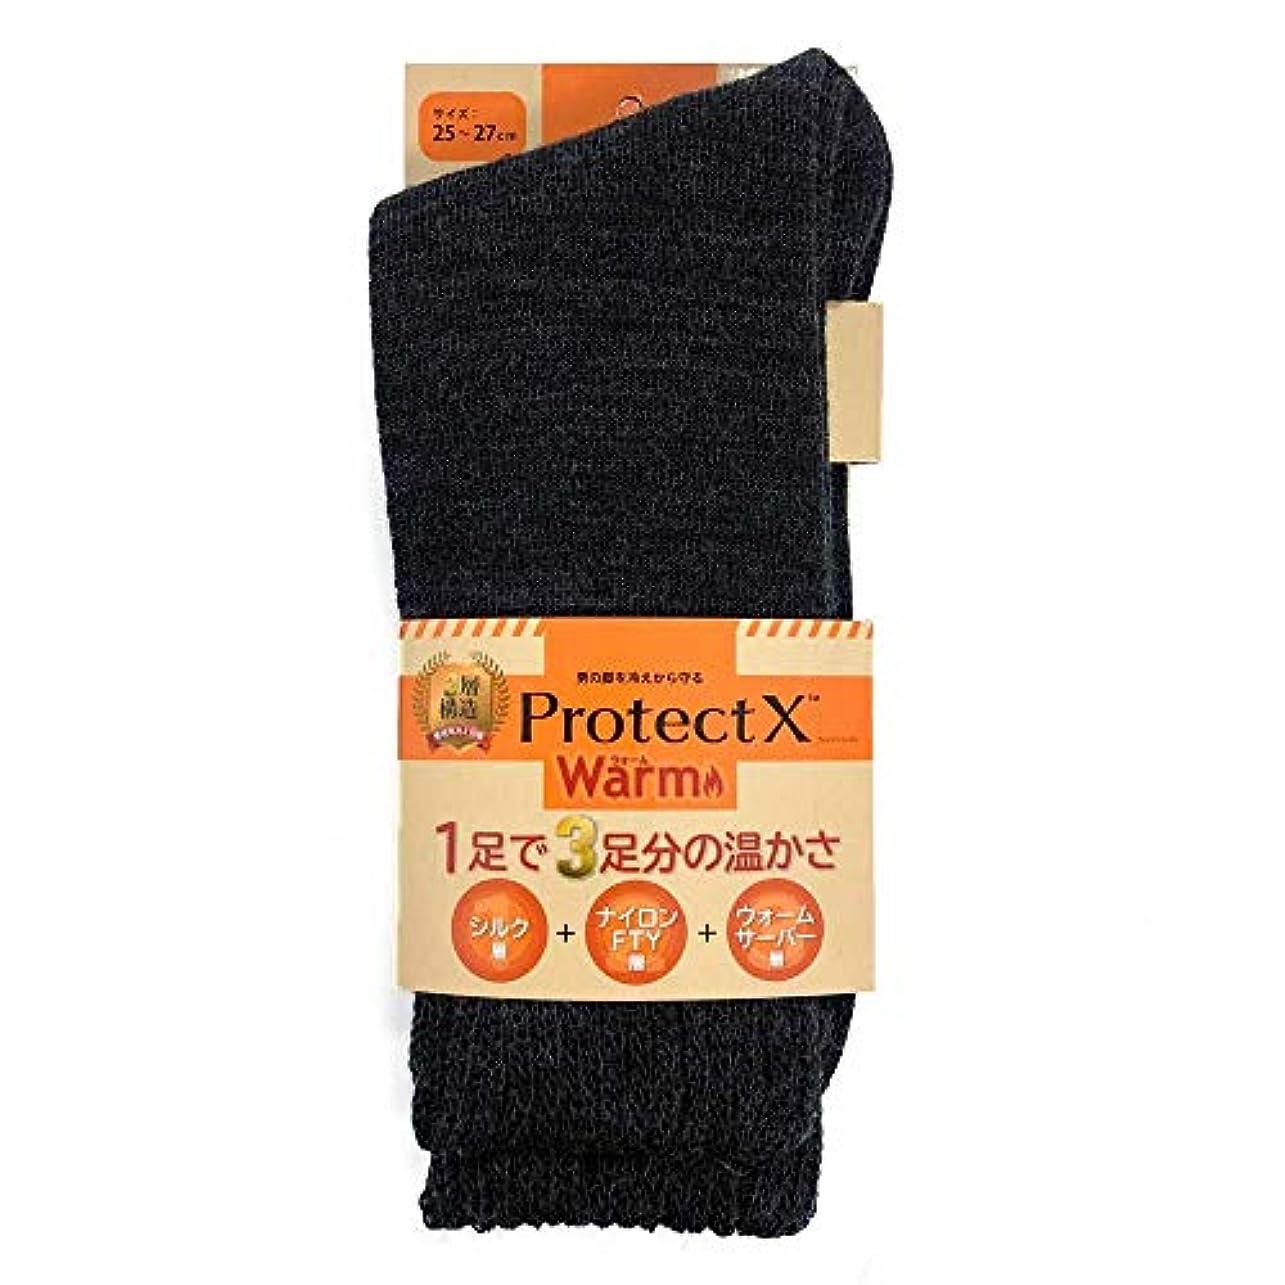 前任者クマノミ暫定冷え性対策 履き口柔らか 男性用冷え対策 シルク100%(内側) 3層構造 防寒ソックス 25-27cm チャコールグレー